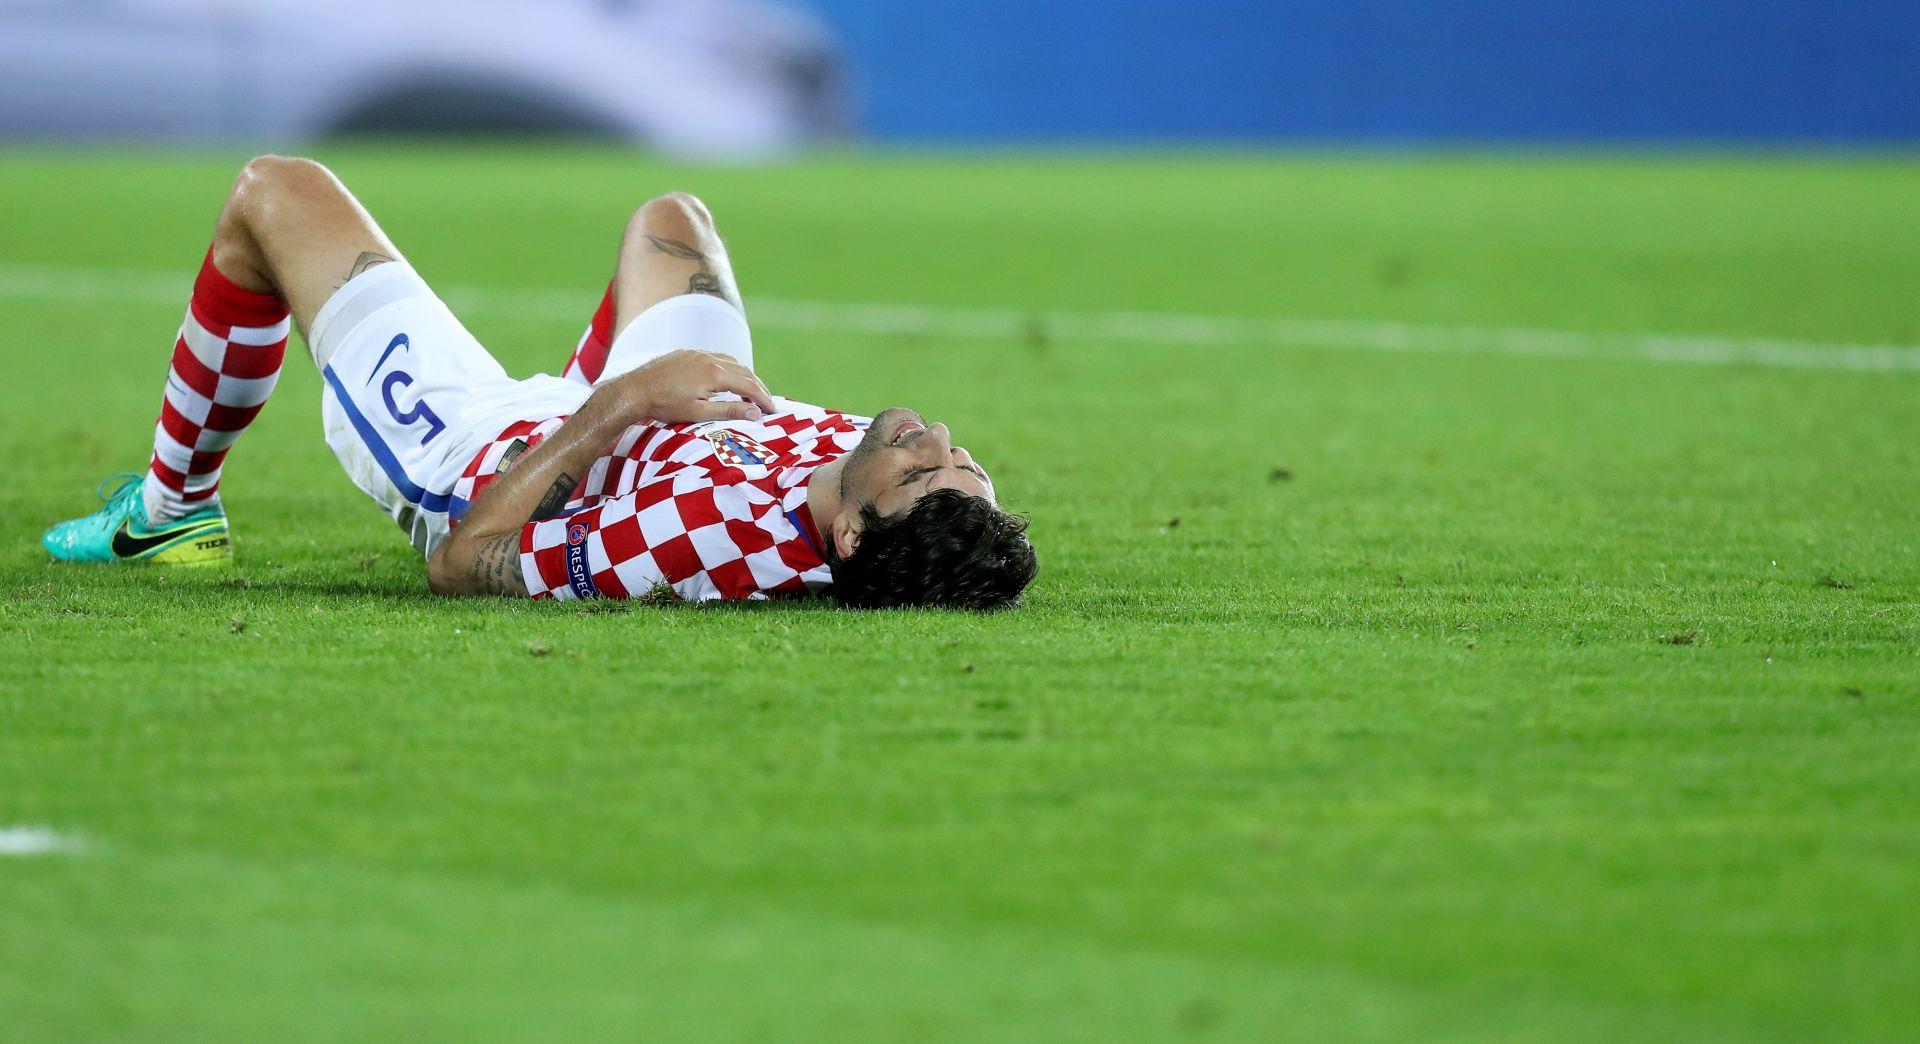 SUZE U LENSU Hrvatska ide kući nakon gola Quaresme u 117. minuti